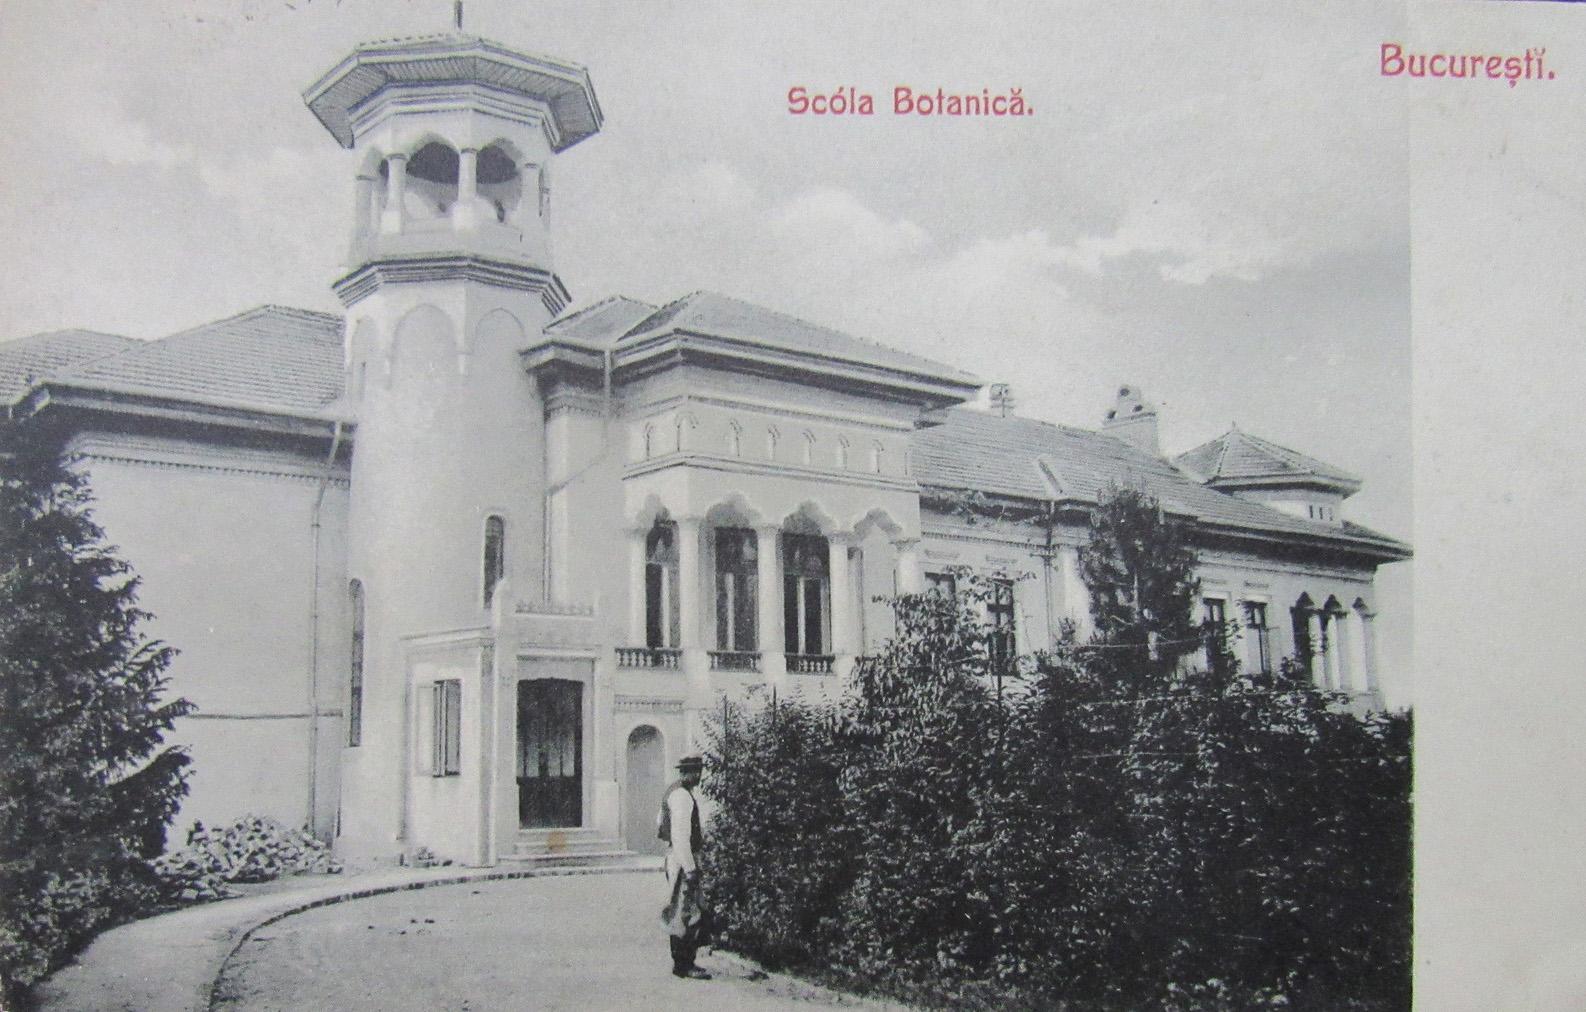 cartierul-cotroceni-1900-gradina-cu-scoala-botanica